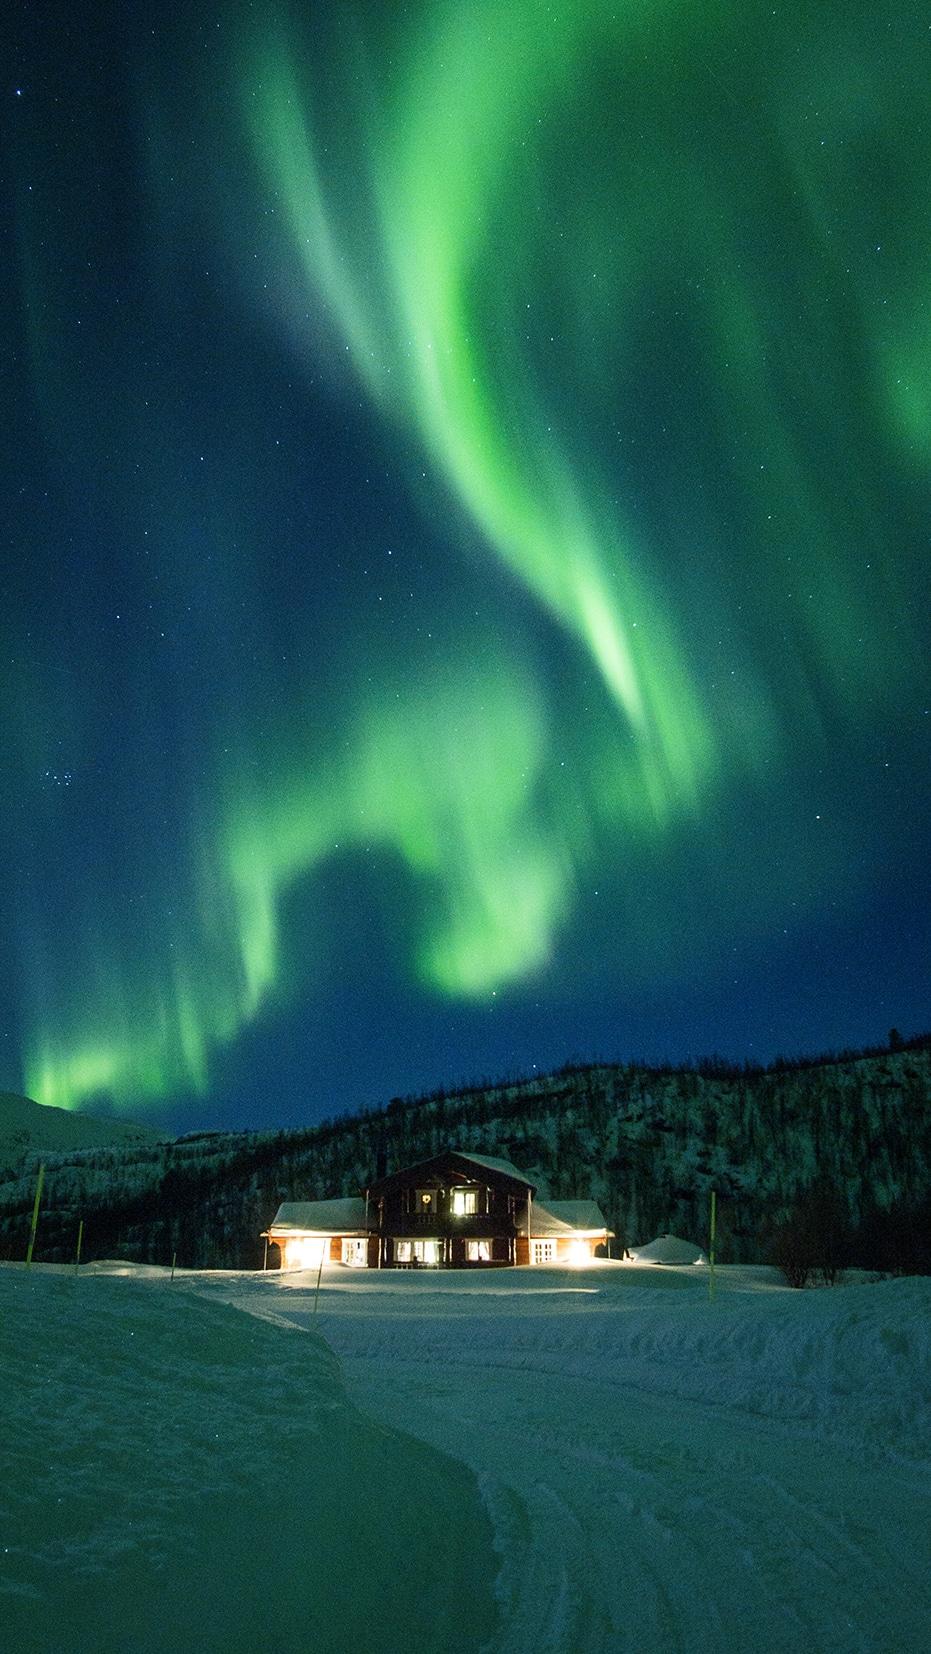 aurores boréales Norvège northern lights nuit étoiles